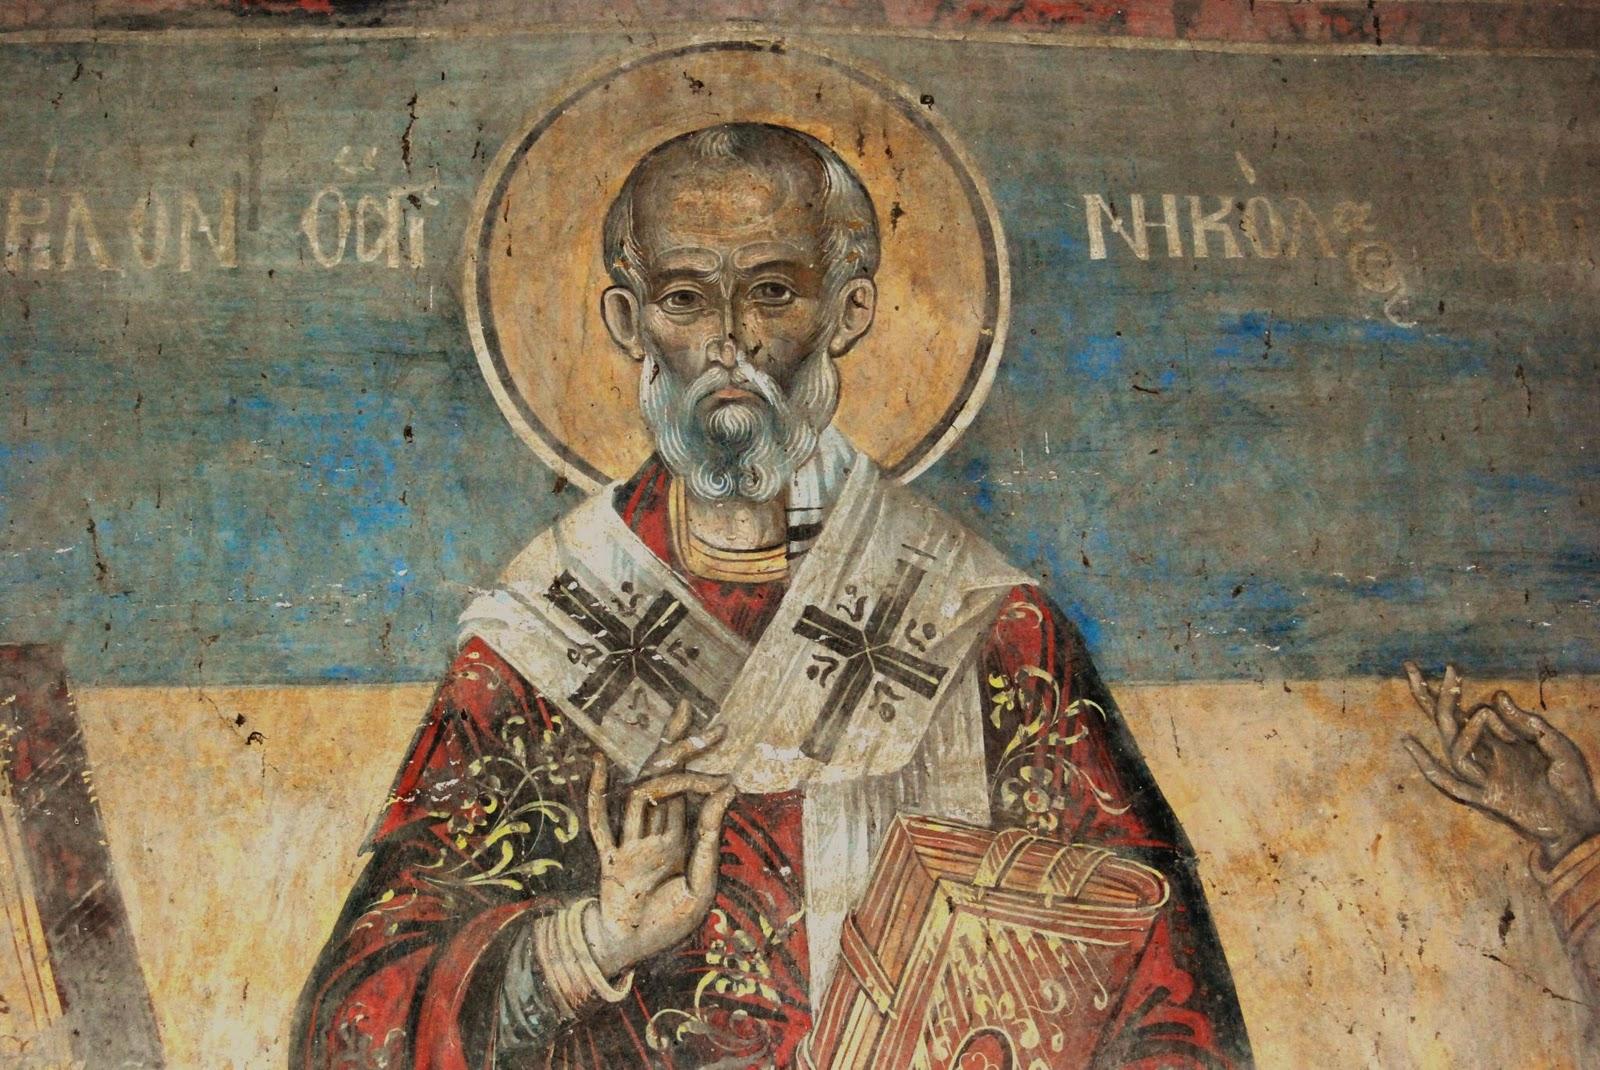 Saint Nicholas or Santa Claus